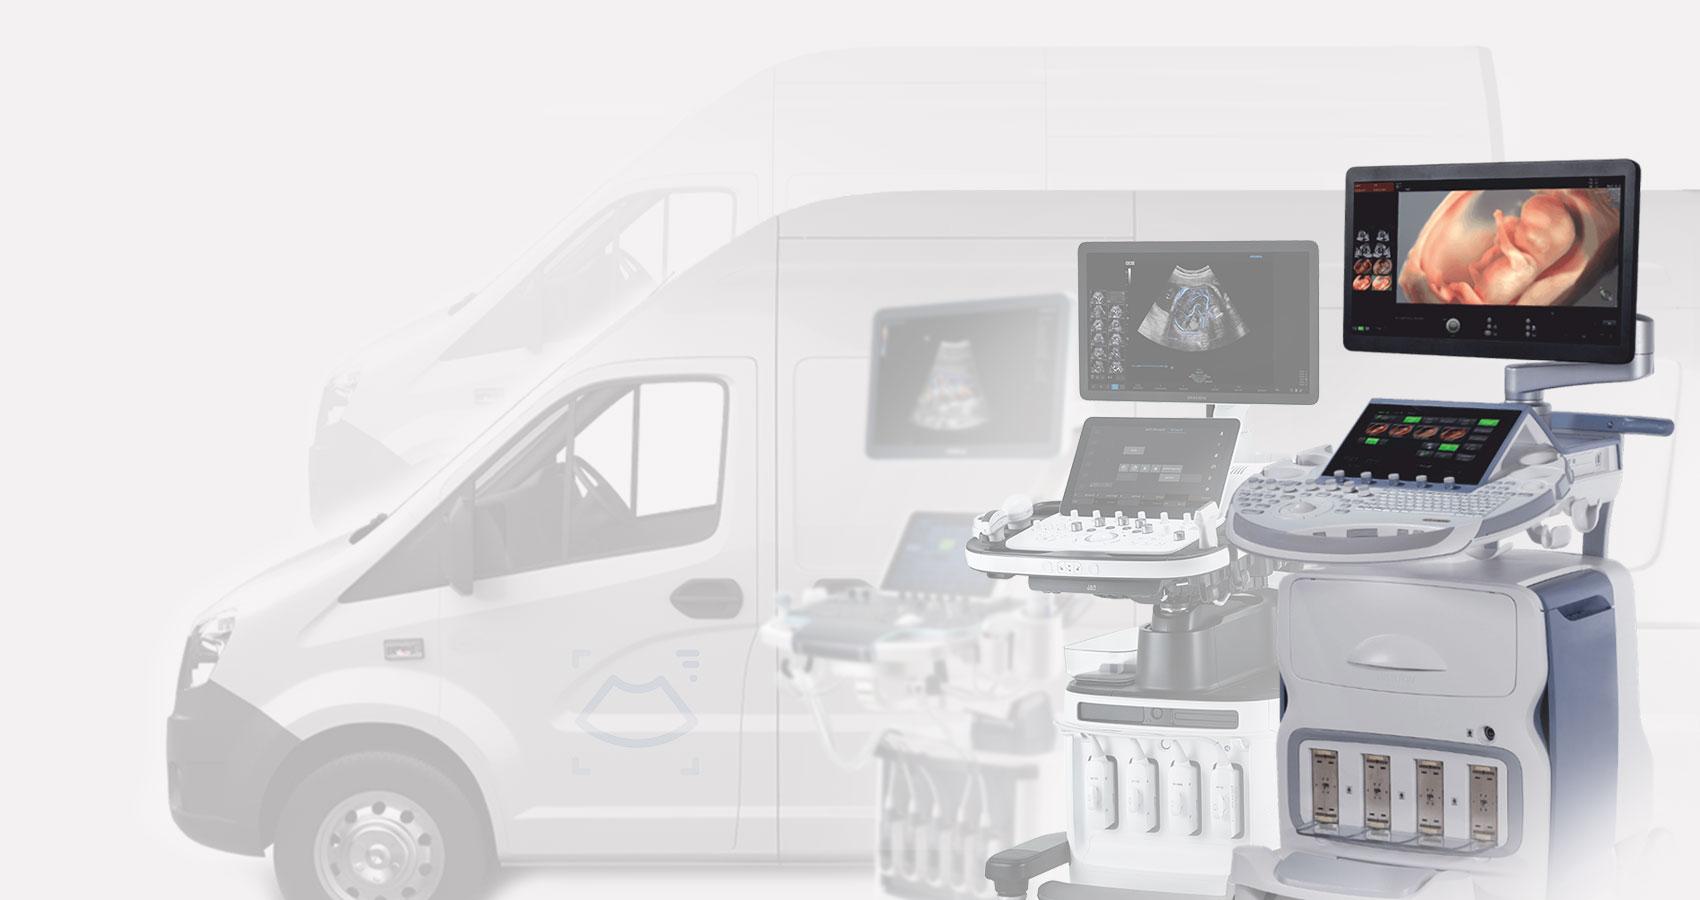 Доставка УЗИ аппаратов в сервисный центр и оплата ремонта УЗИ